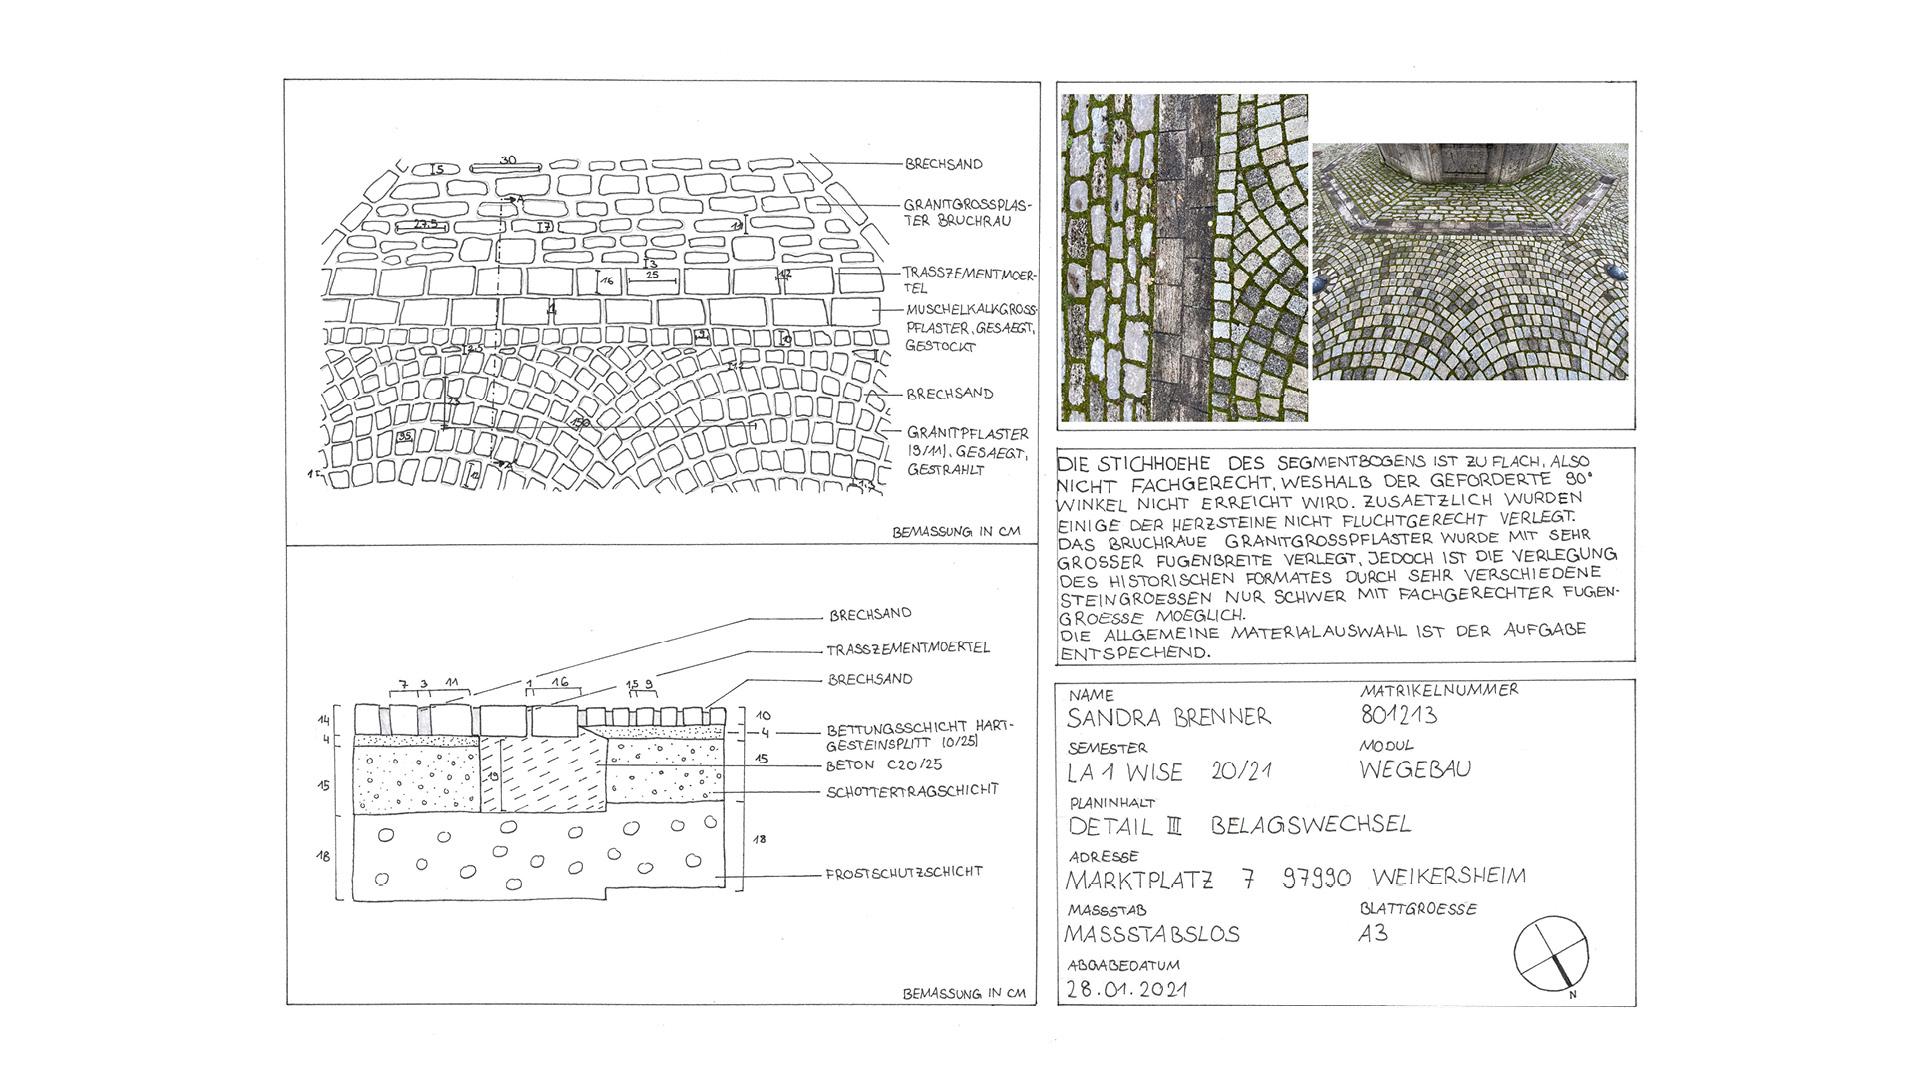 Detailbuch4